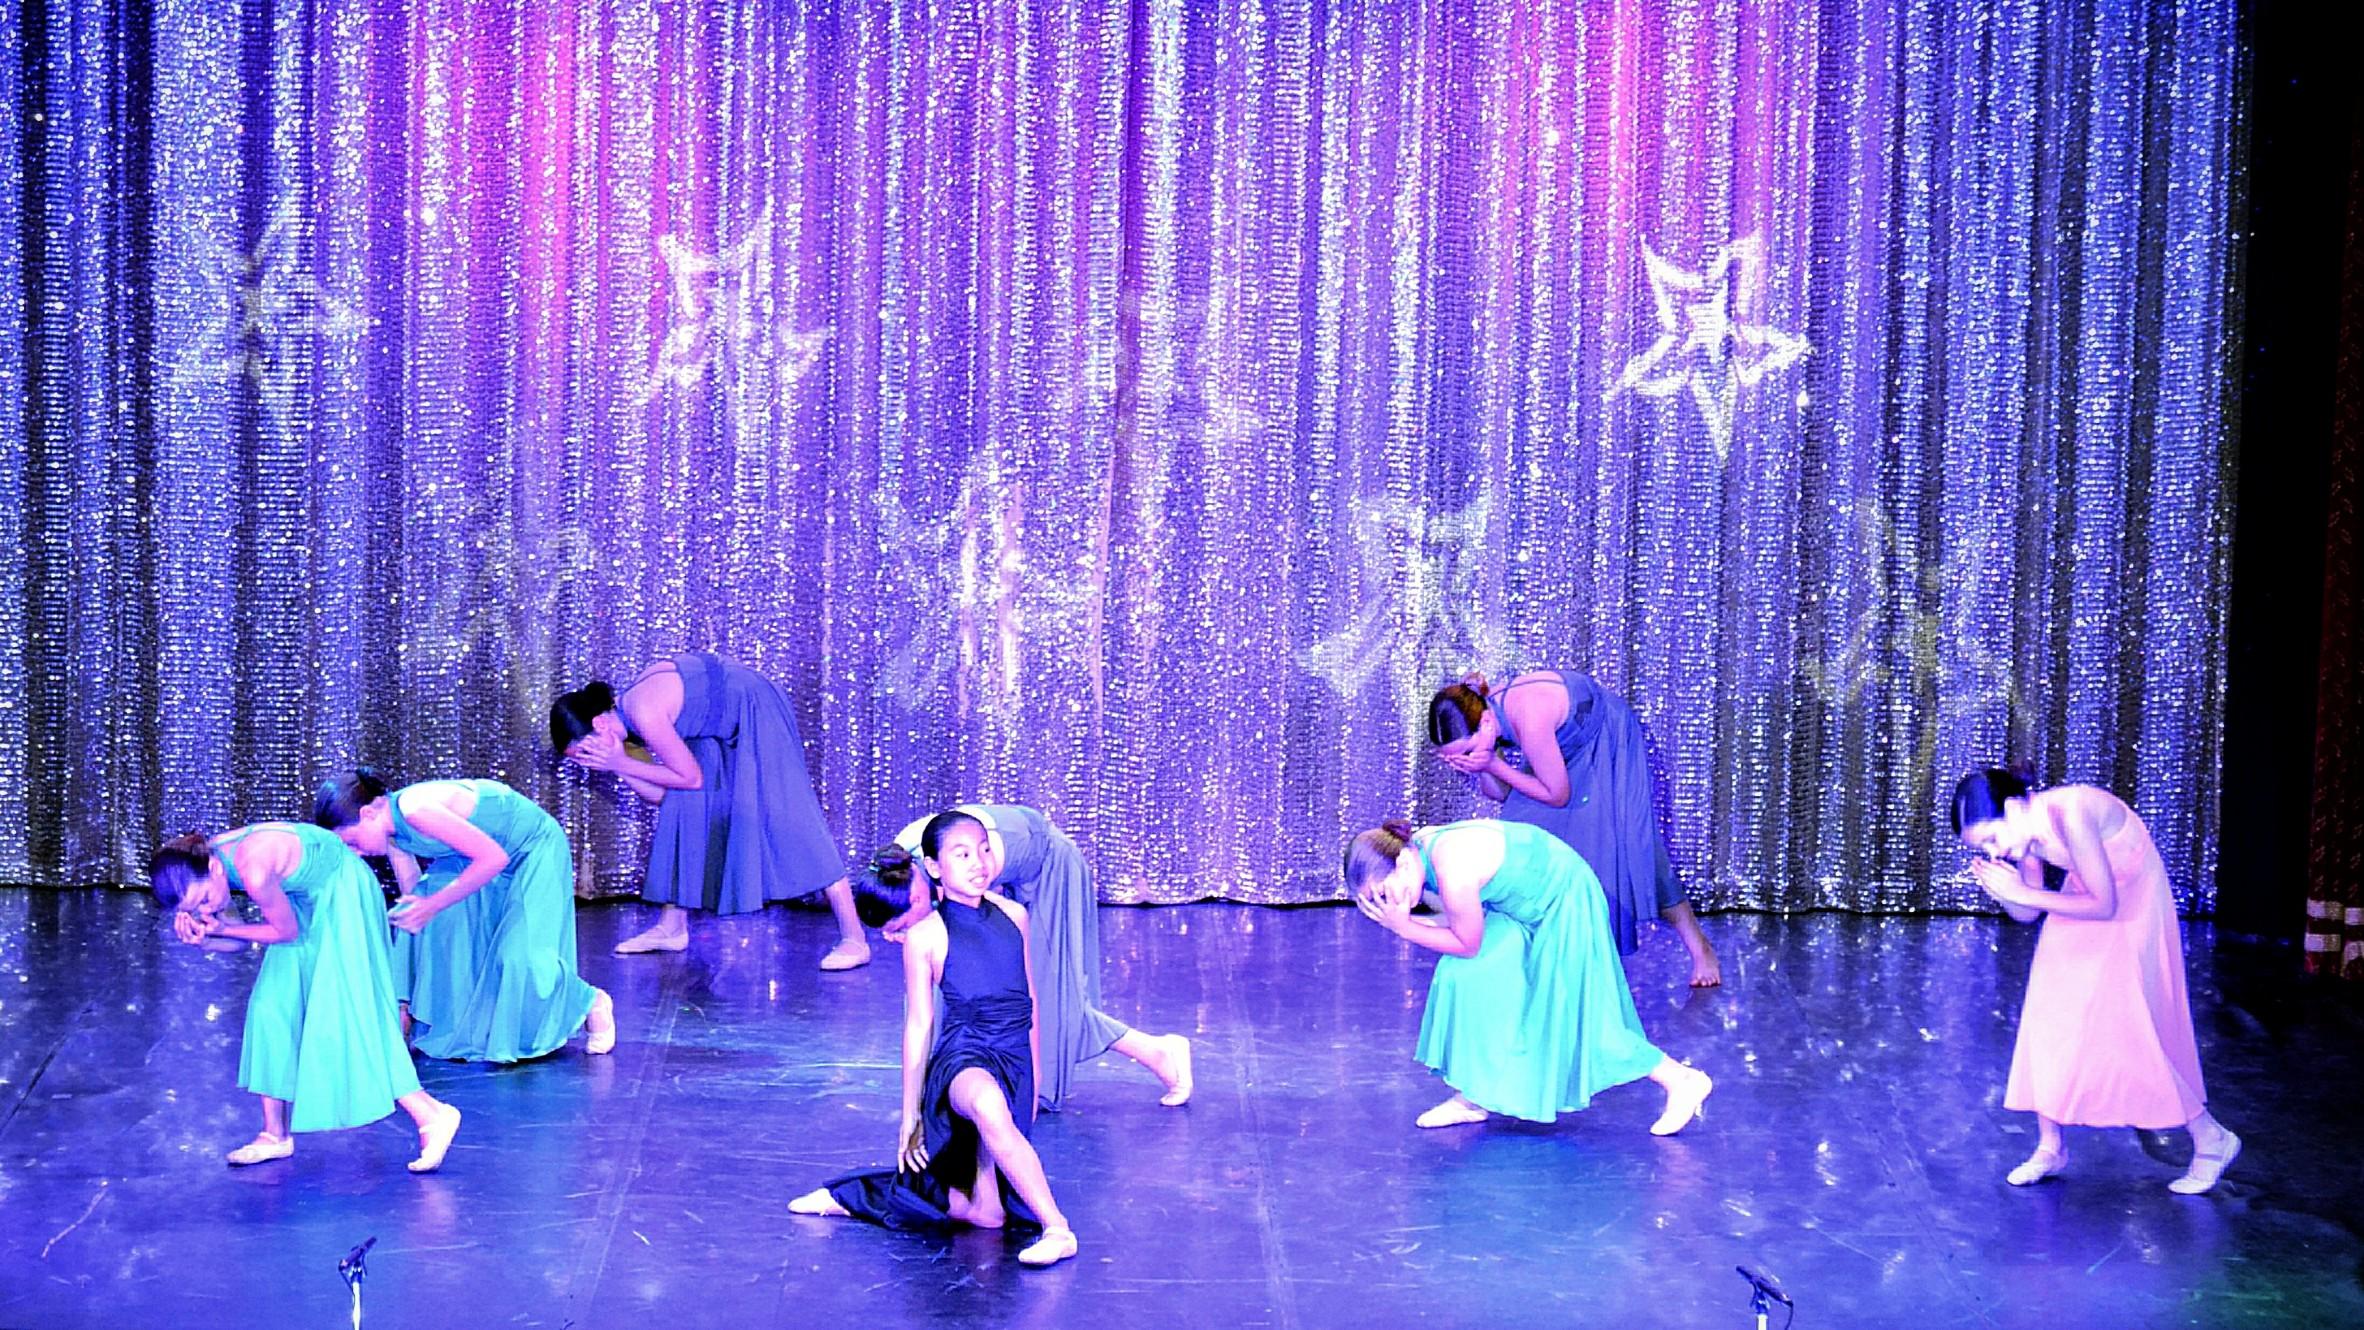 Linea-de-Baile-festival-verano-2015-clases-de-baile-valencia-105